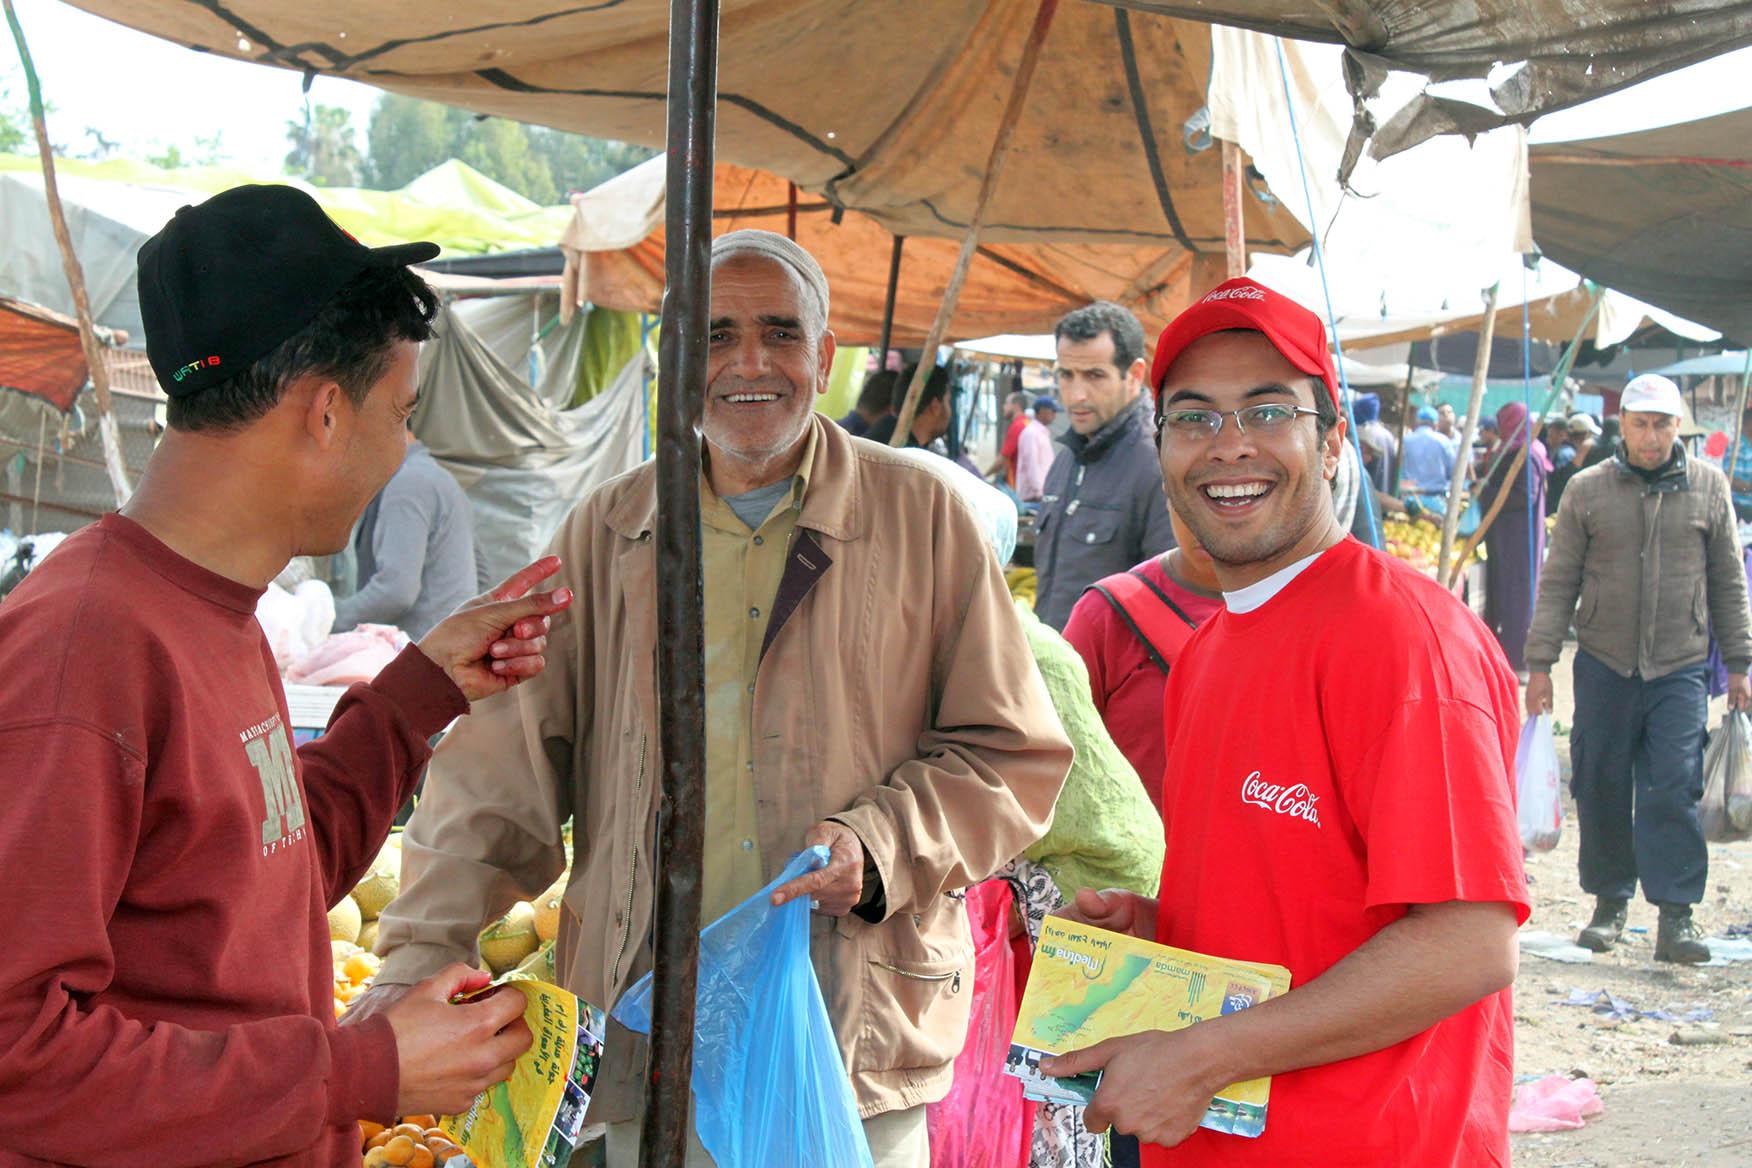 صور جولة إذاعة مدينة إف إم بالأسواق المغربية : سوق سبت أولاد النمة